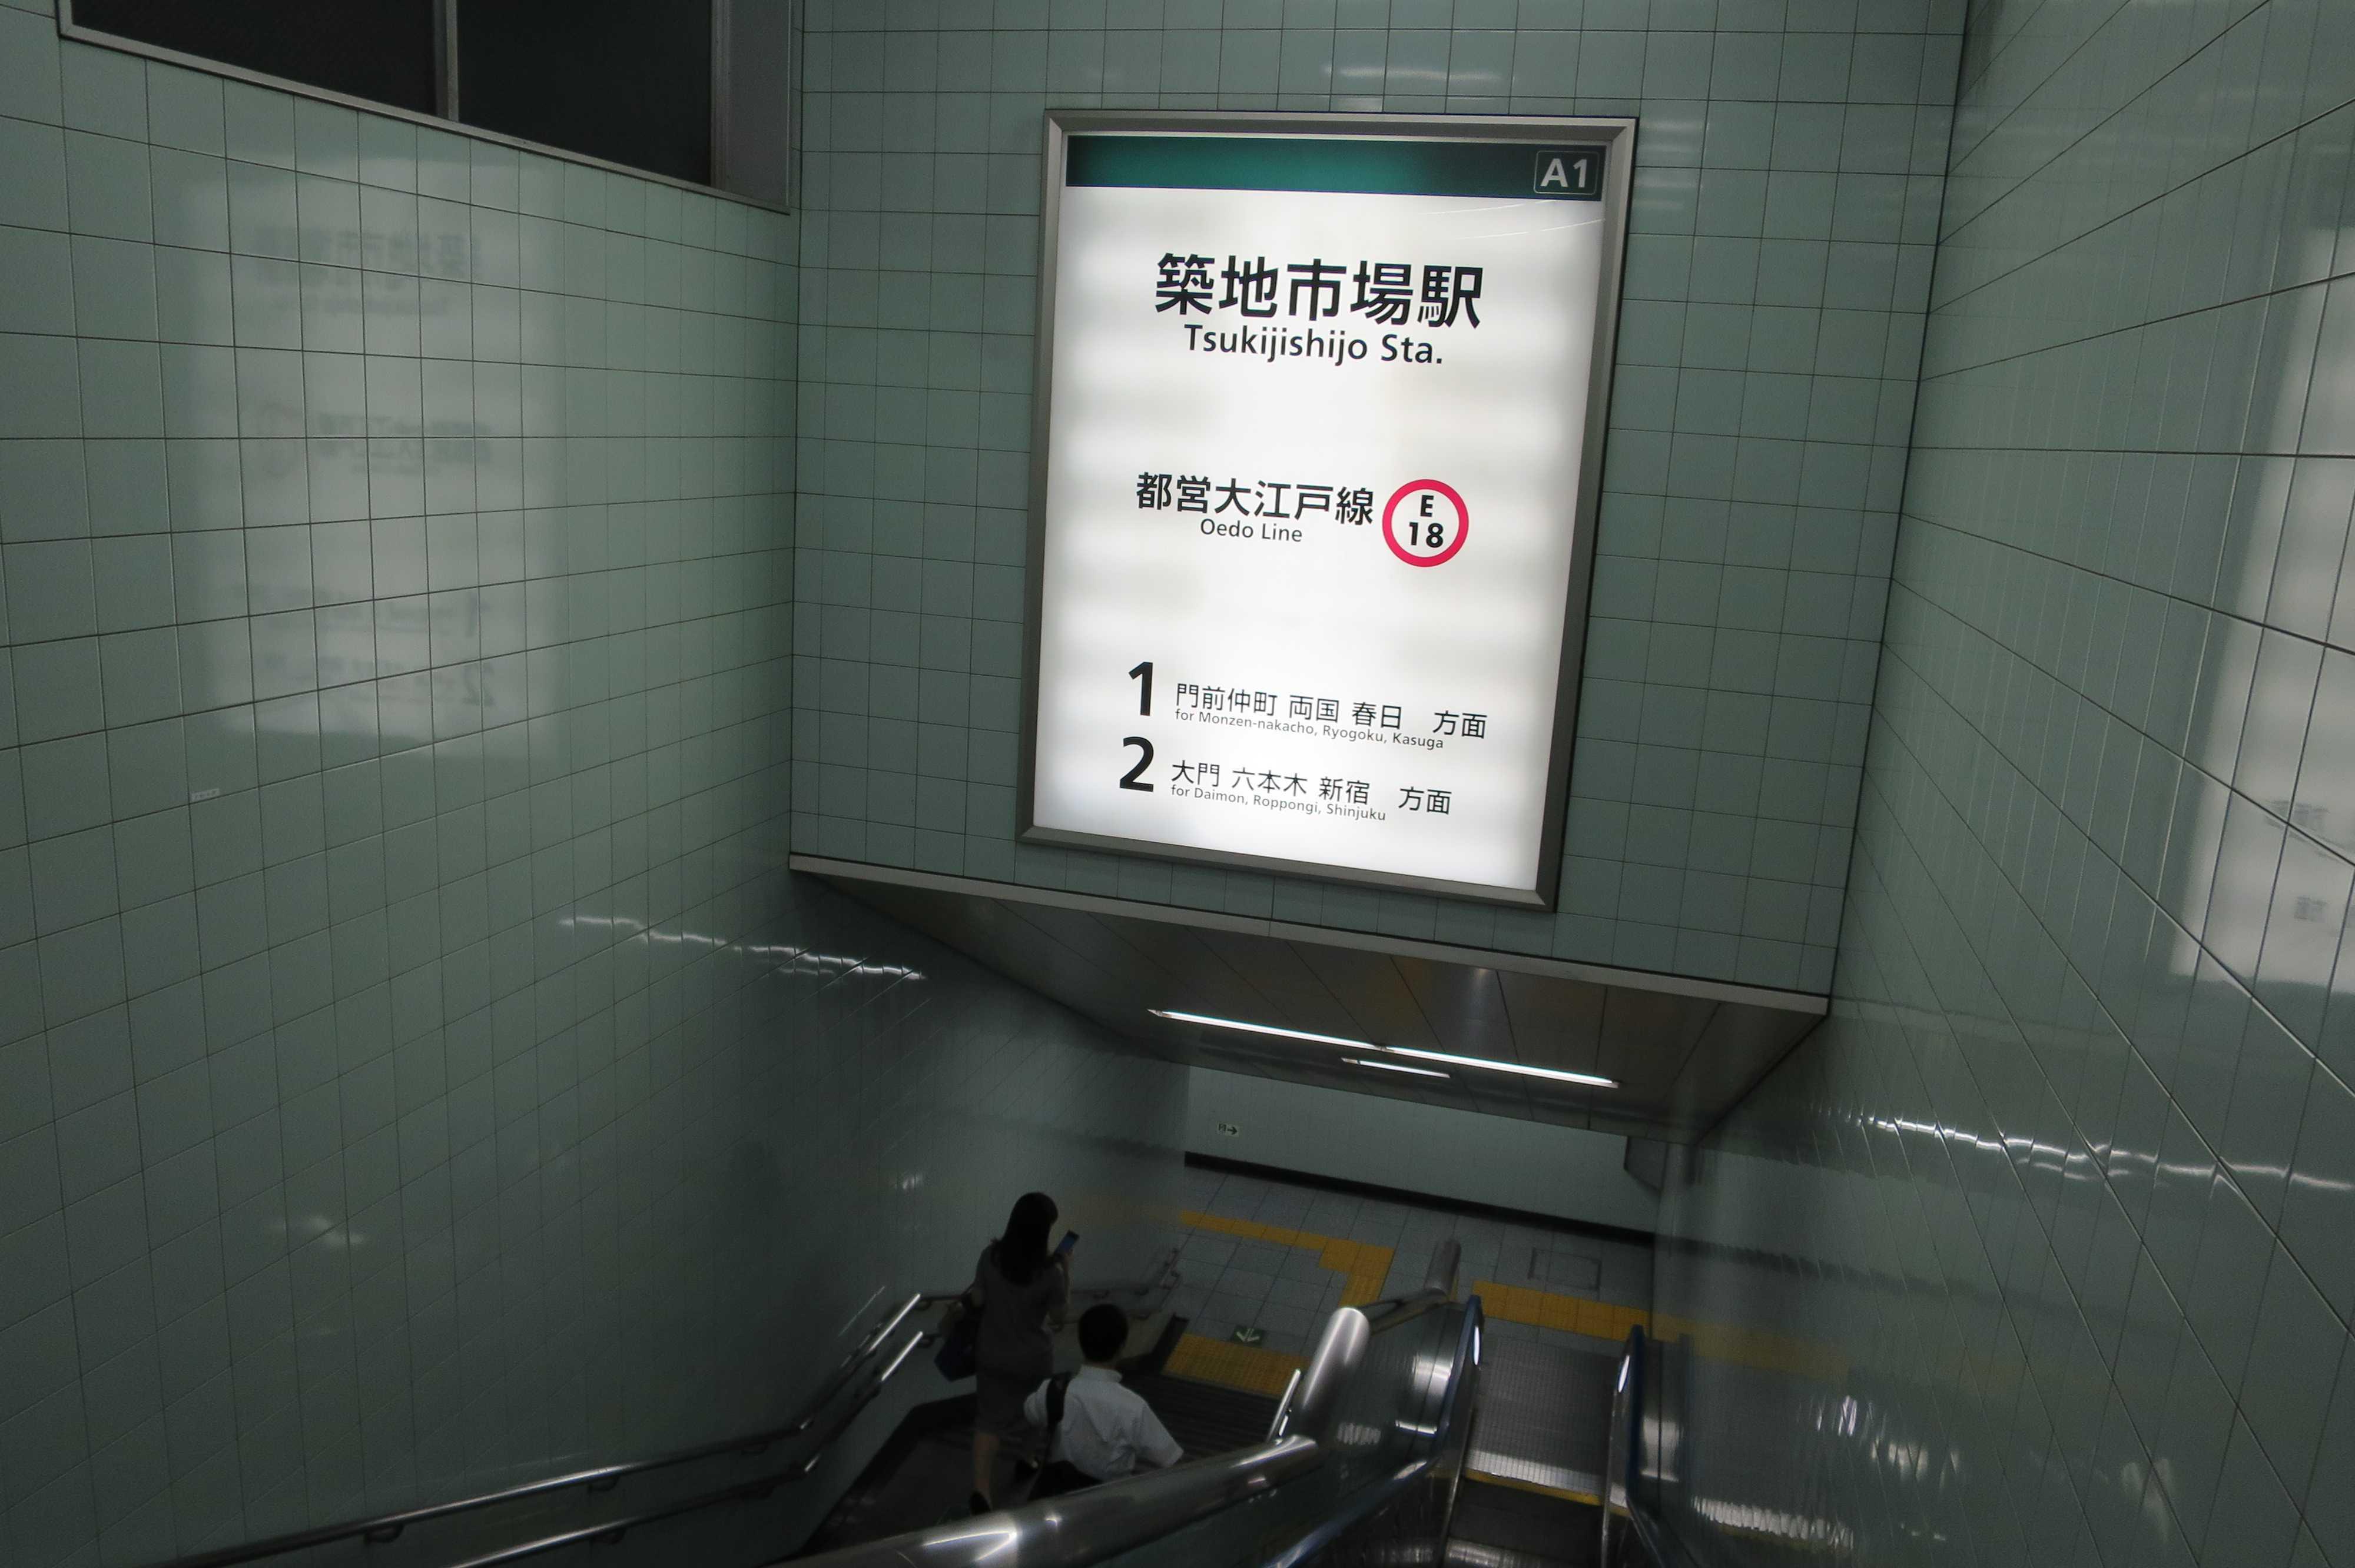 築地エリア - 都営大江戸線 築地市場駅